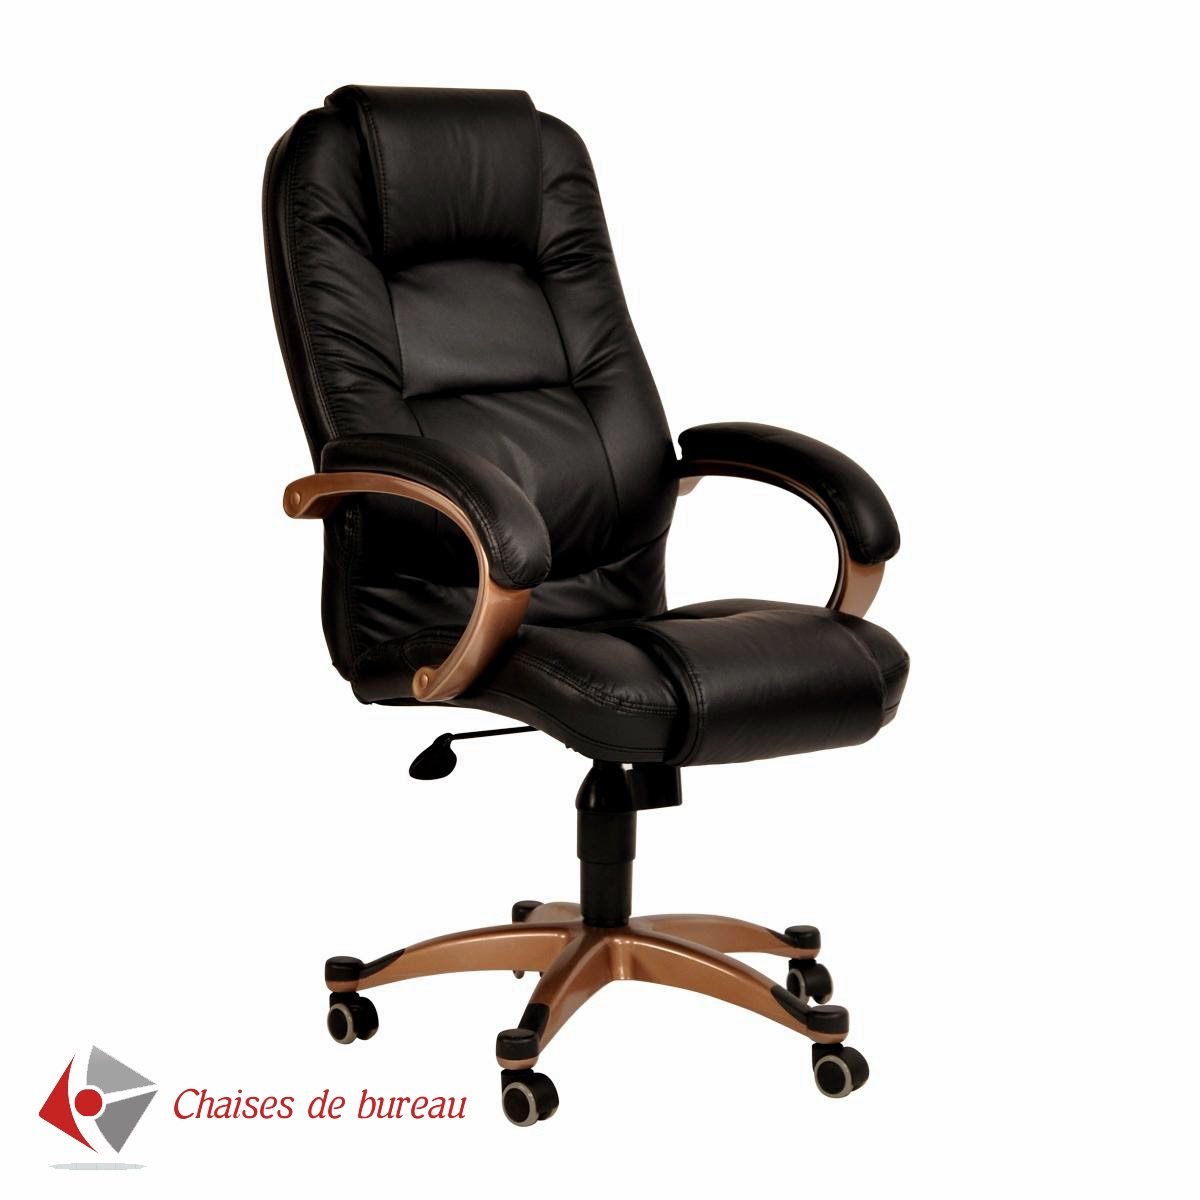 chaise de bureau design sans roulette. Black Bedroom Furniture Sets. Home Design Ideas